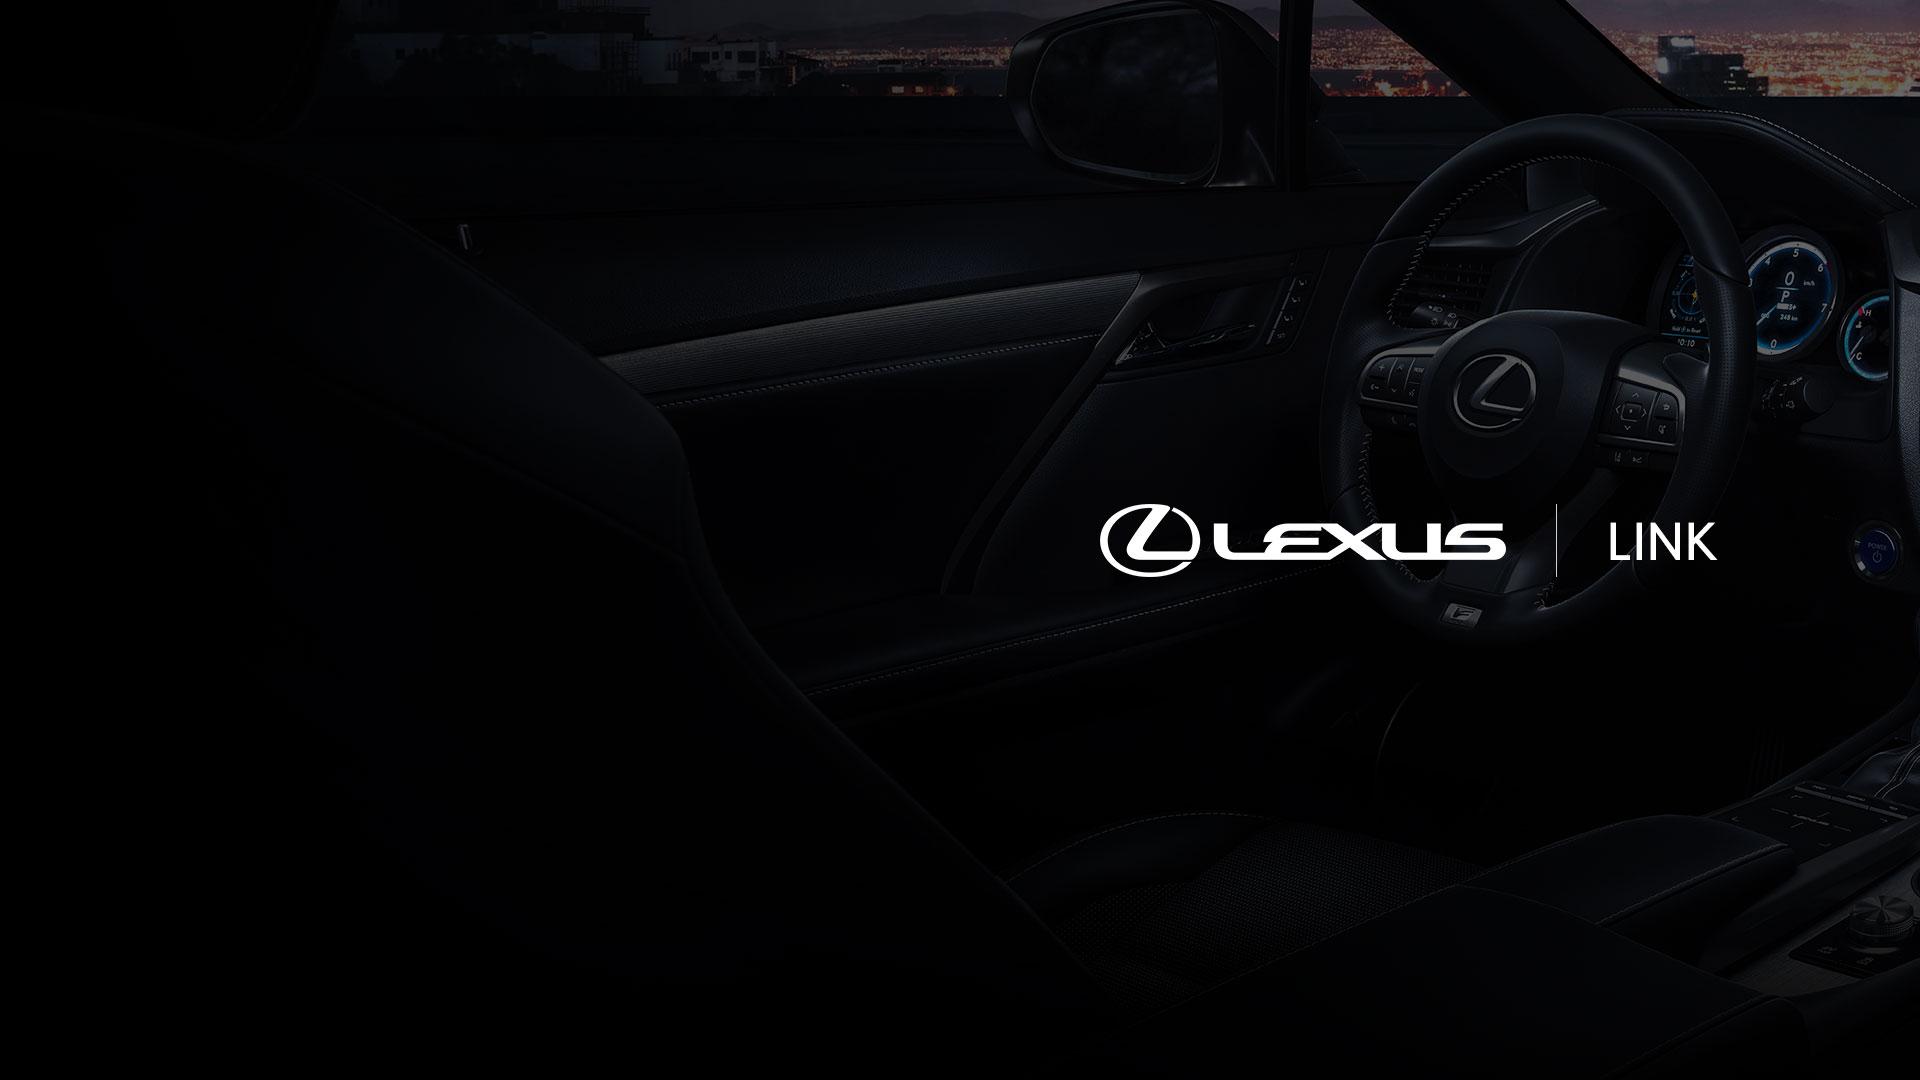 2020 lexus owners lexus link